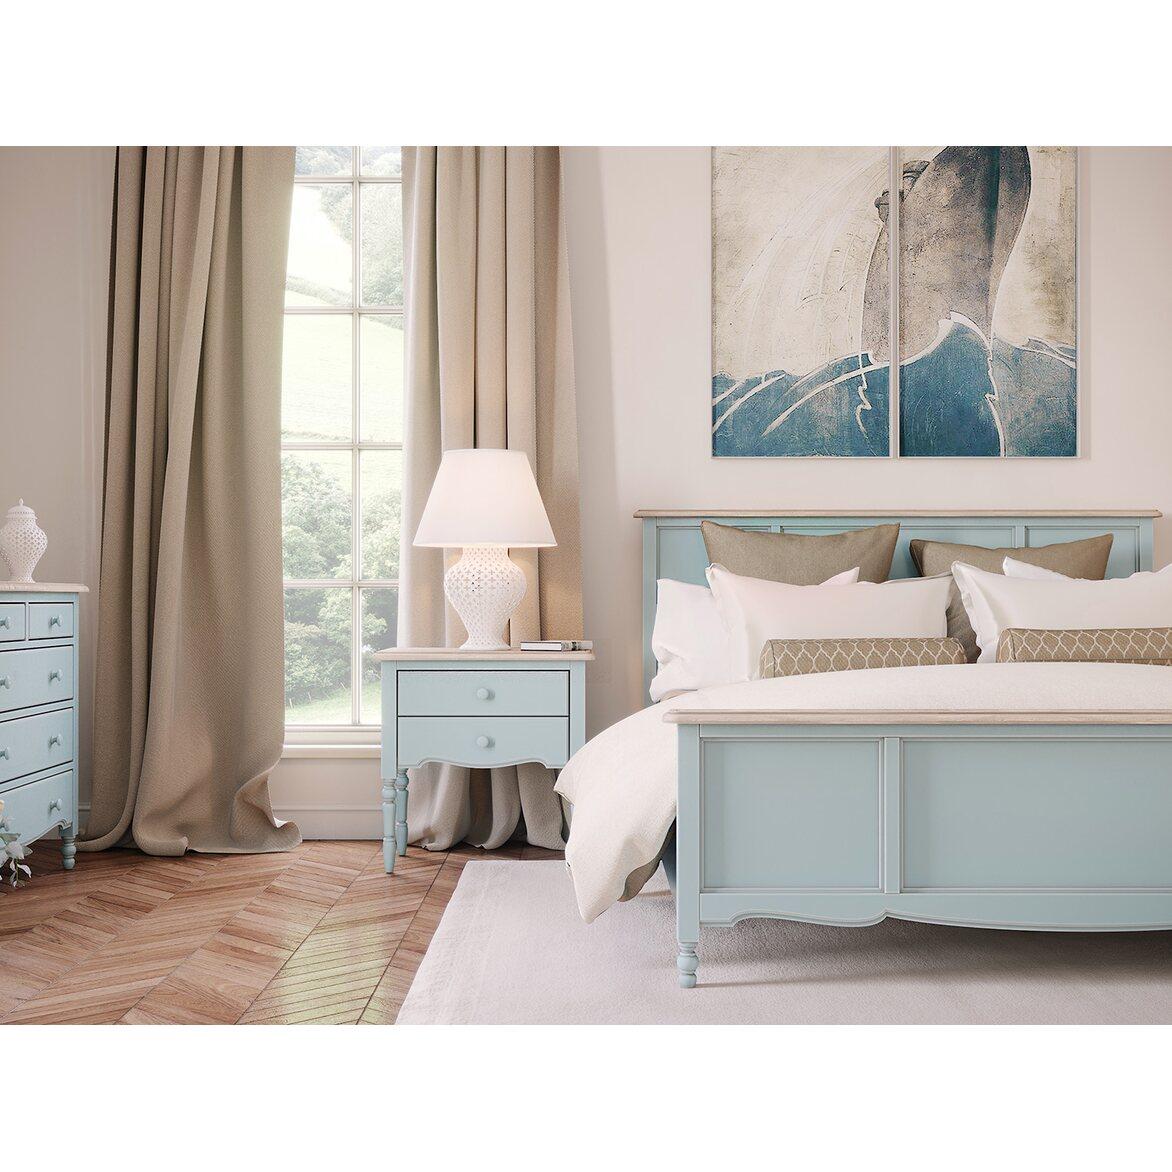 Кровать Leblanc двуспальная, голубая 5 | Двуспальные кровати Kingsby